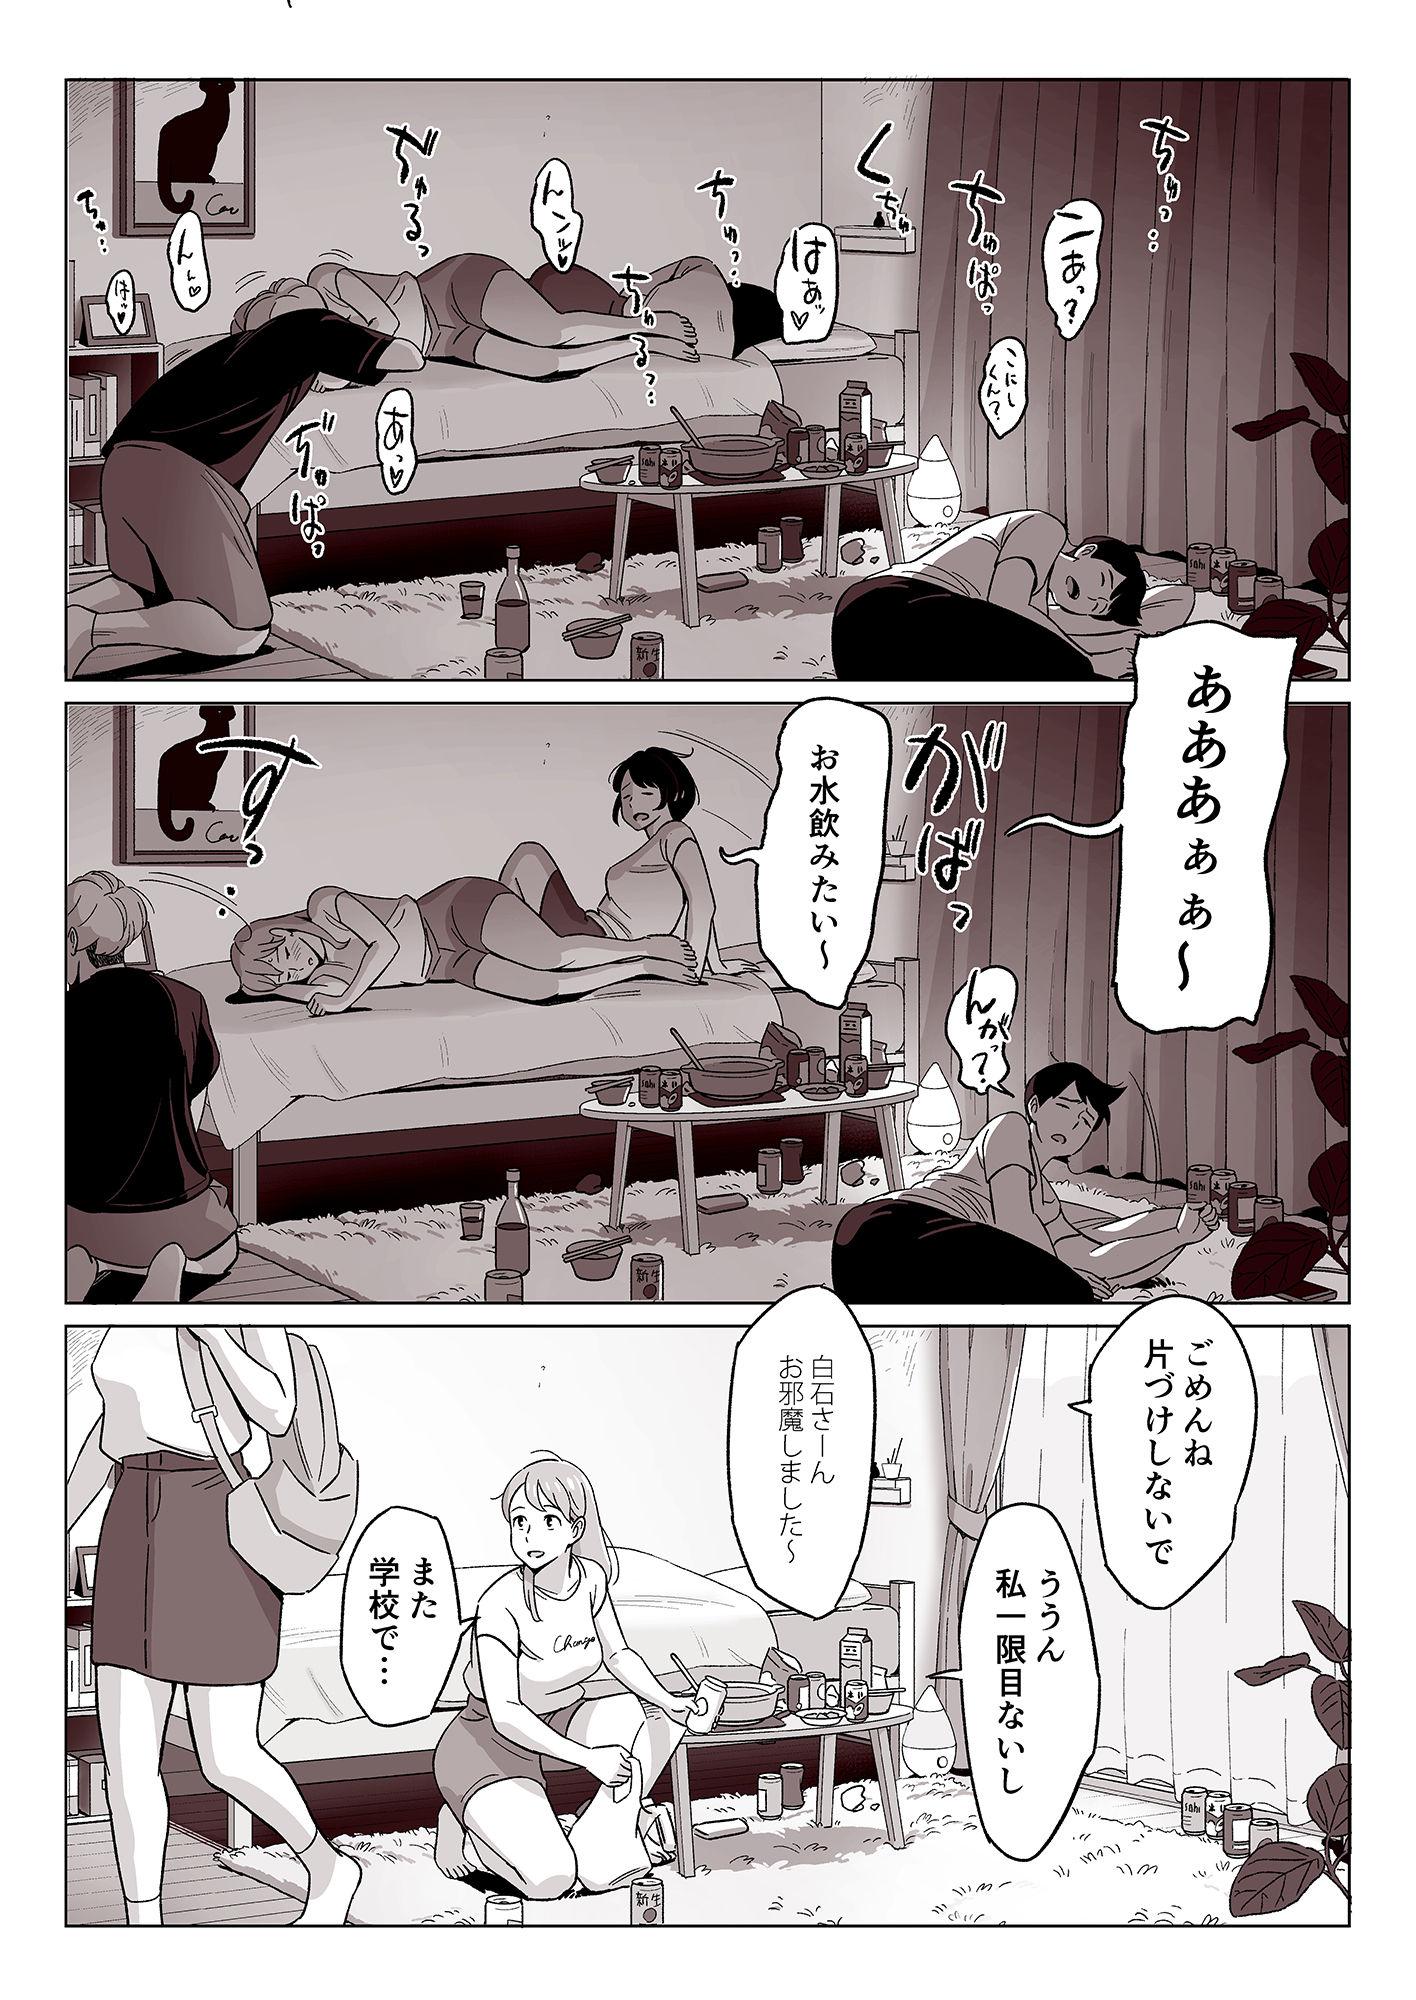 【エロ漫画無料大全集】【NTRエロ漫画】定点カメラのエロ漫画ってなんでこんなにエロいんだwww